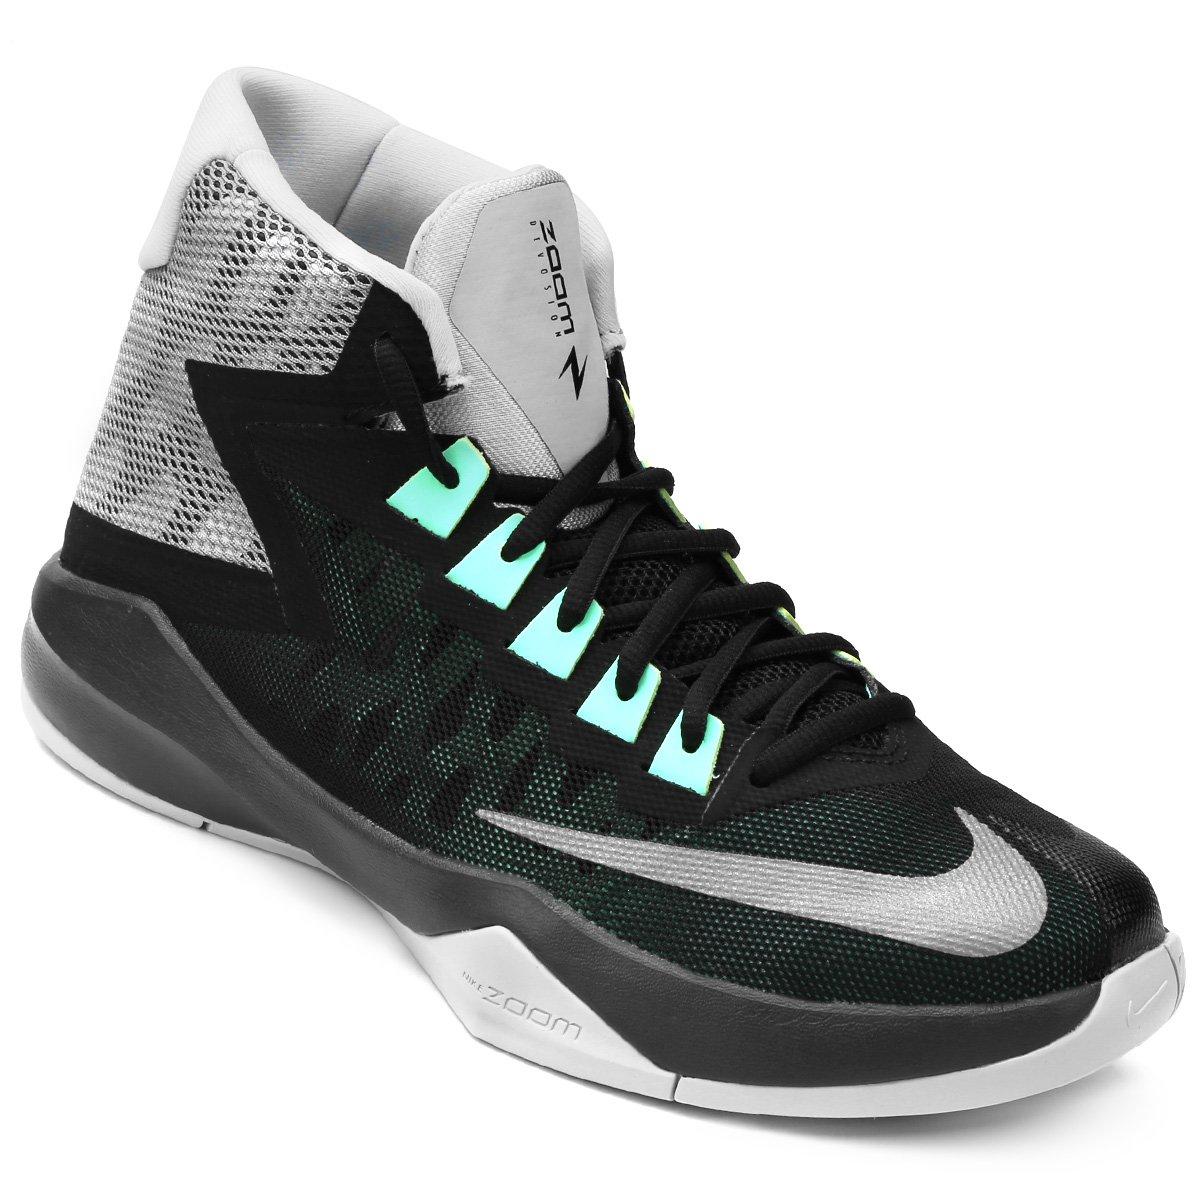 17e2e7a3233 Tênis Nike Zoom Devosion - Preto e Cinza - Compre Agora